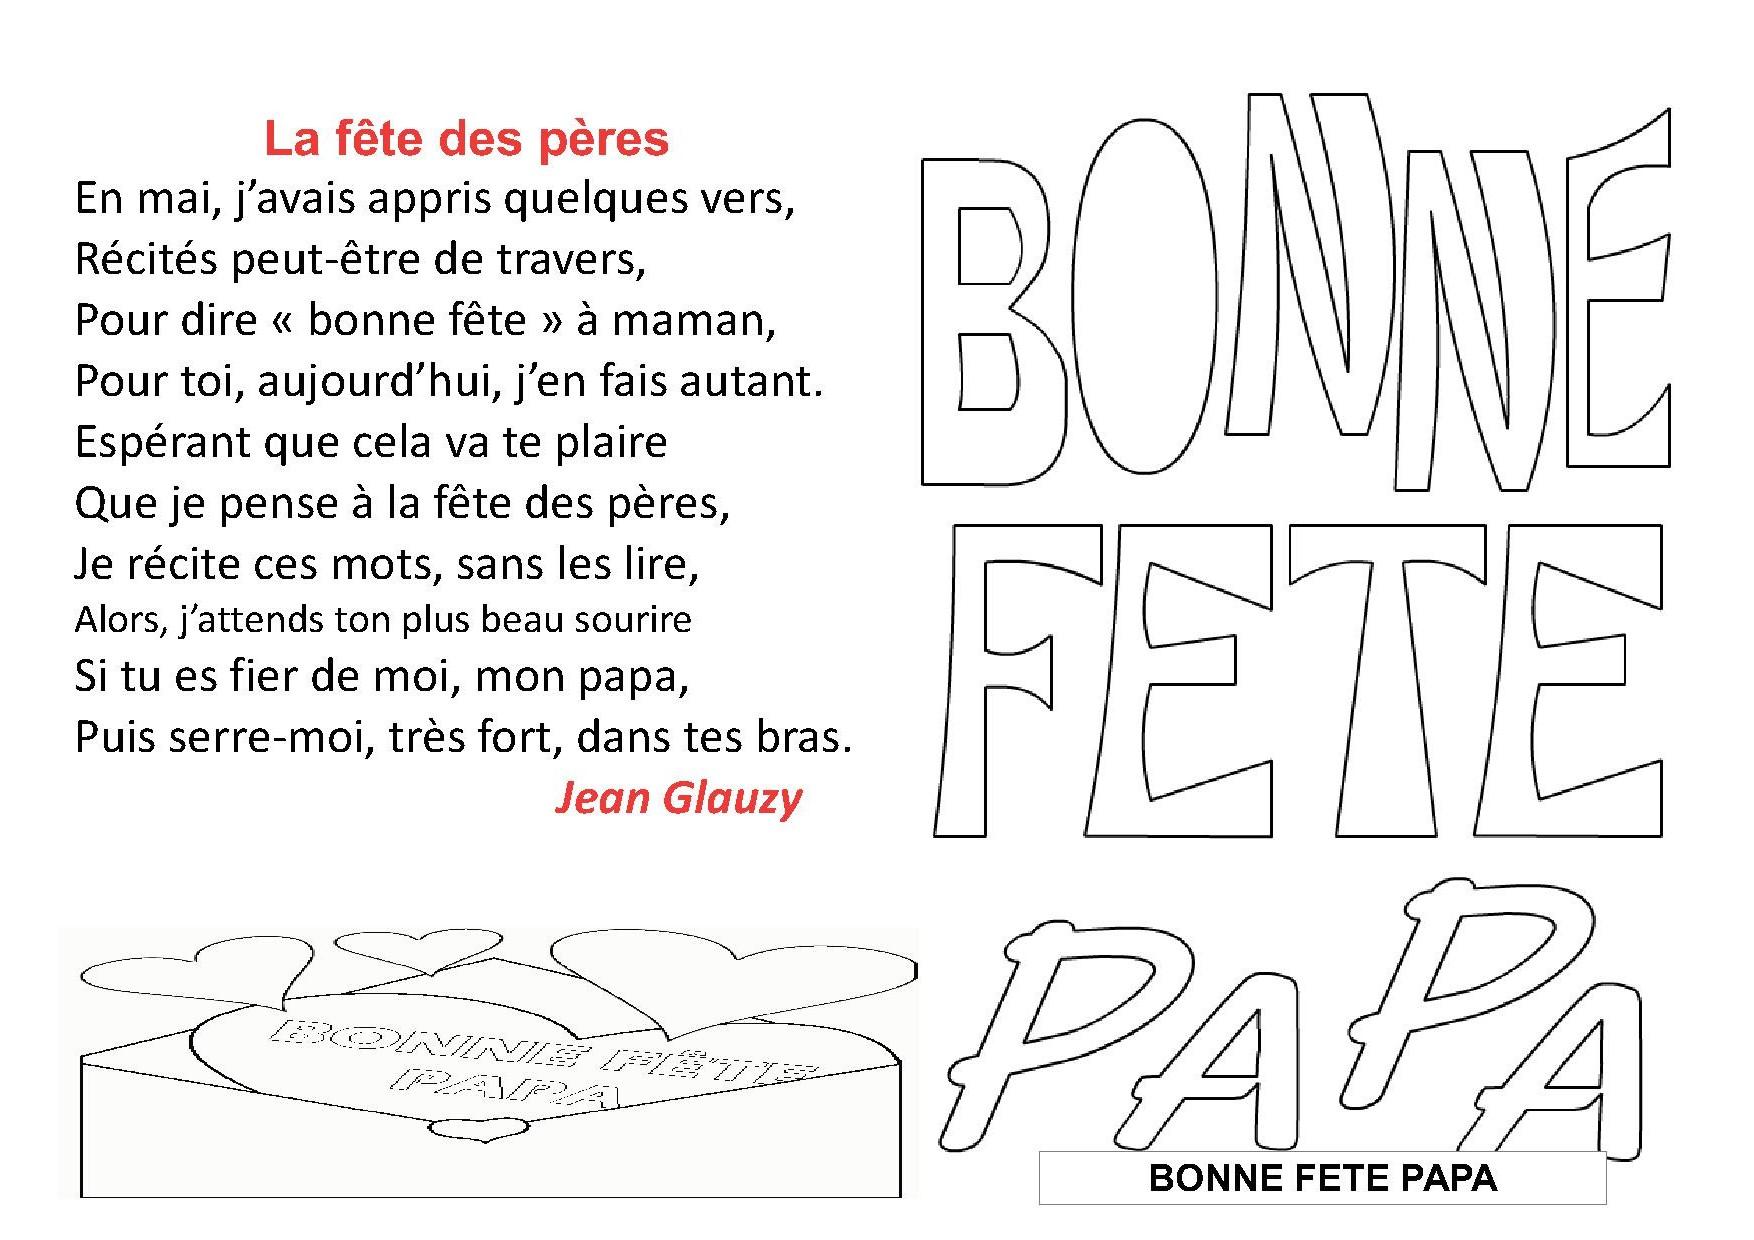 Poeme poemes fetes des peres ateliers pour les enfants de maternelle et d 39 ge pr scolaire - Poeme pour la fete des peres ...